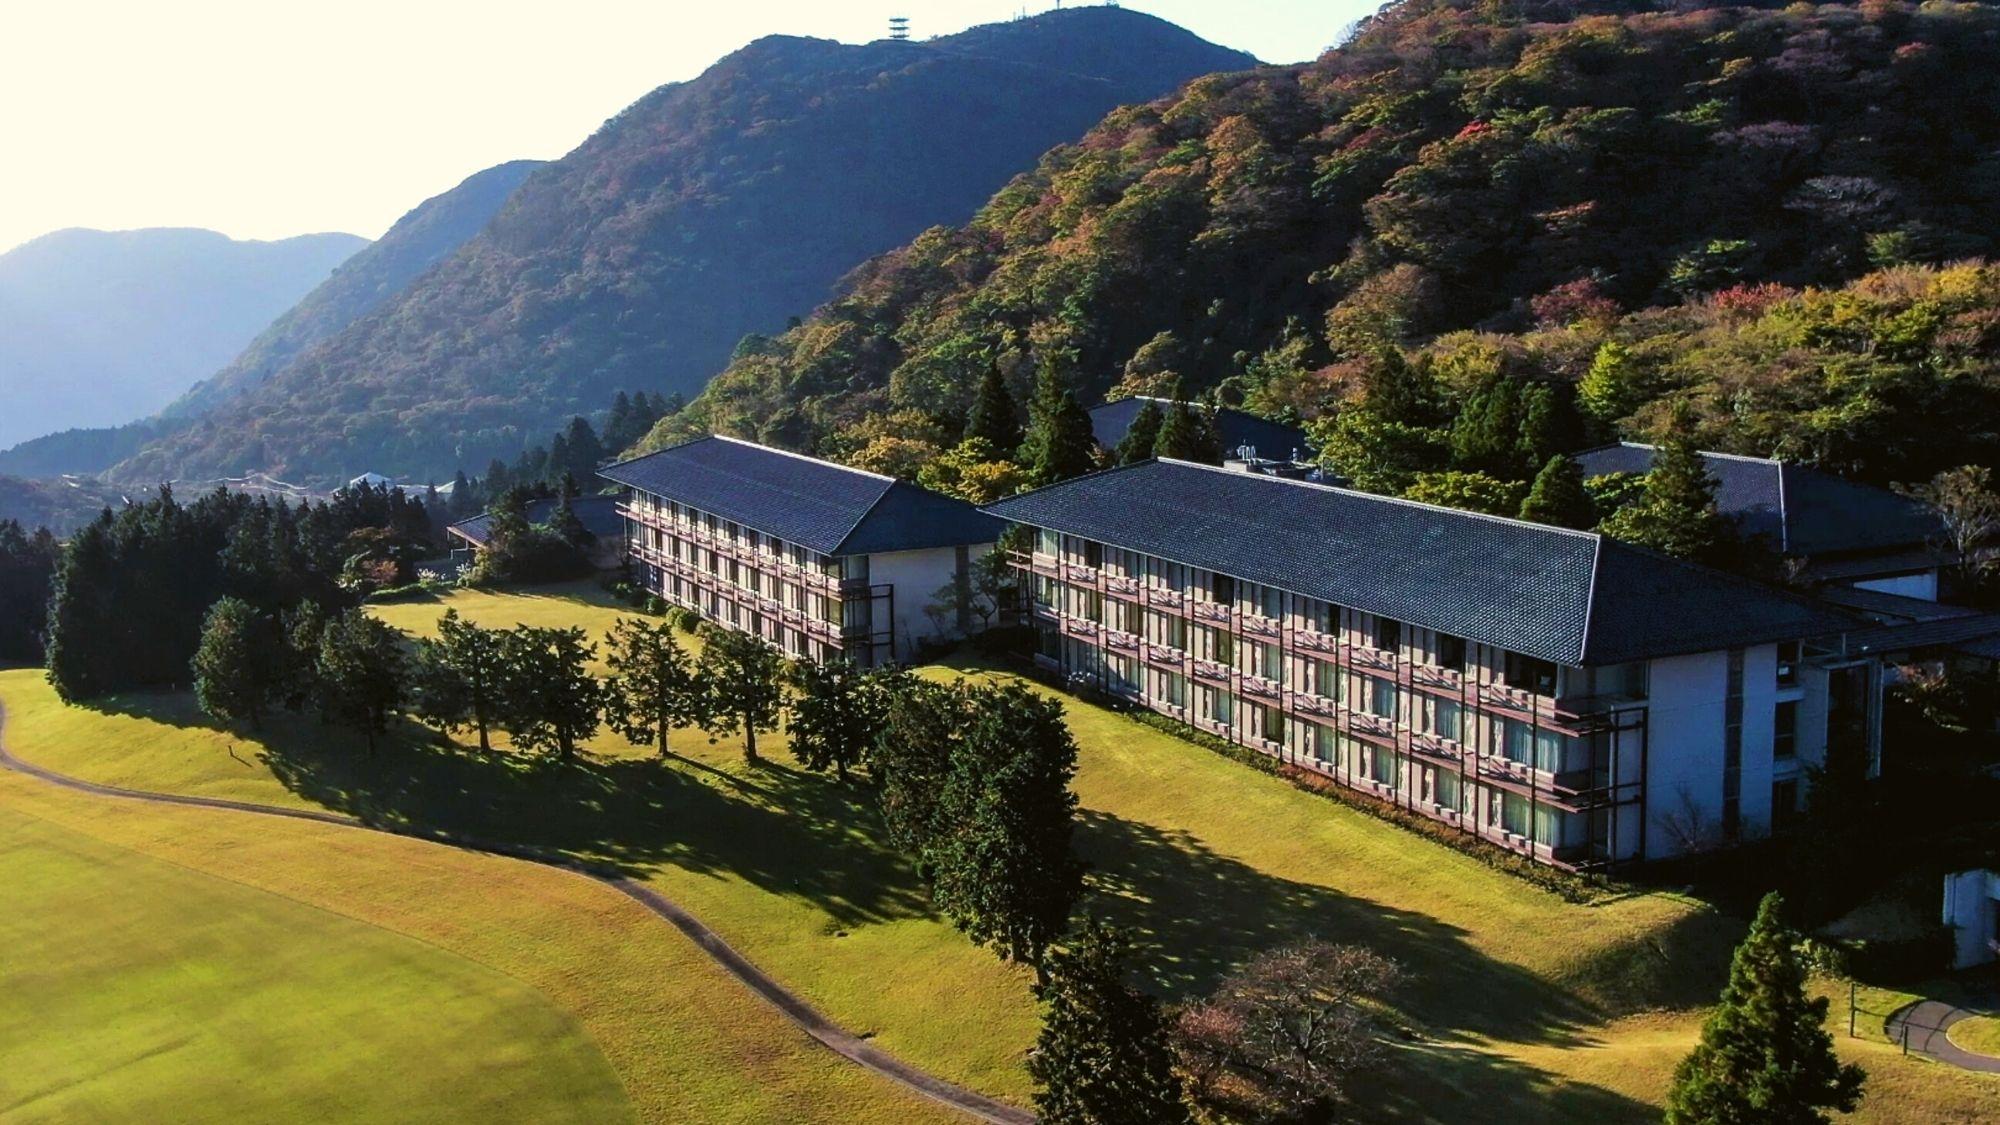 箱根温泉で美肌効果のある泉質の良い宿を教えて!